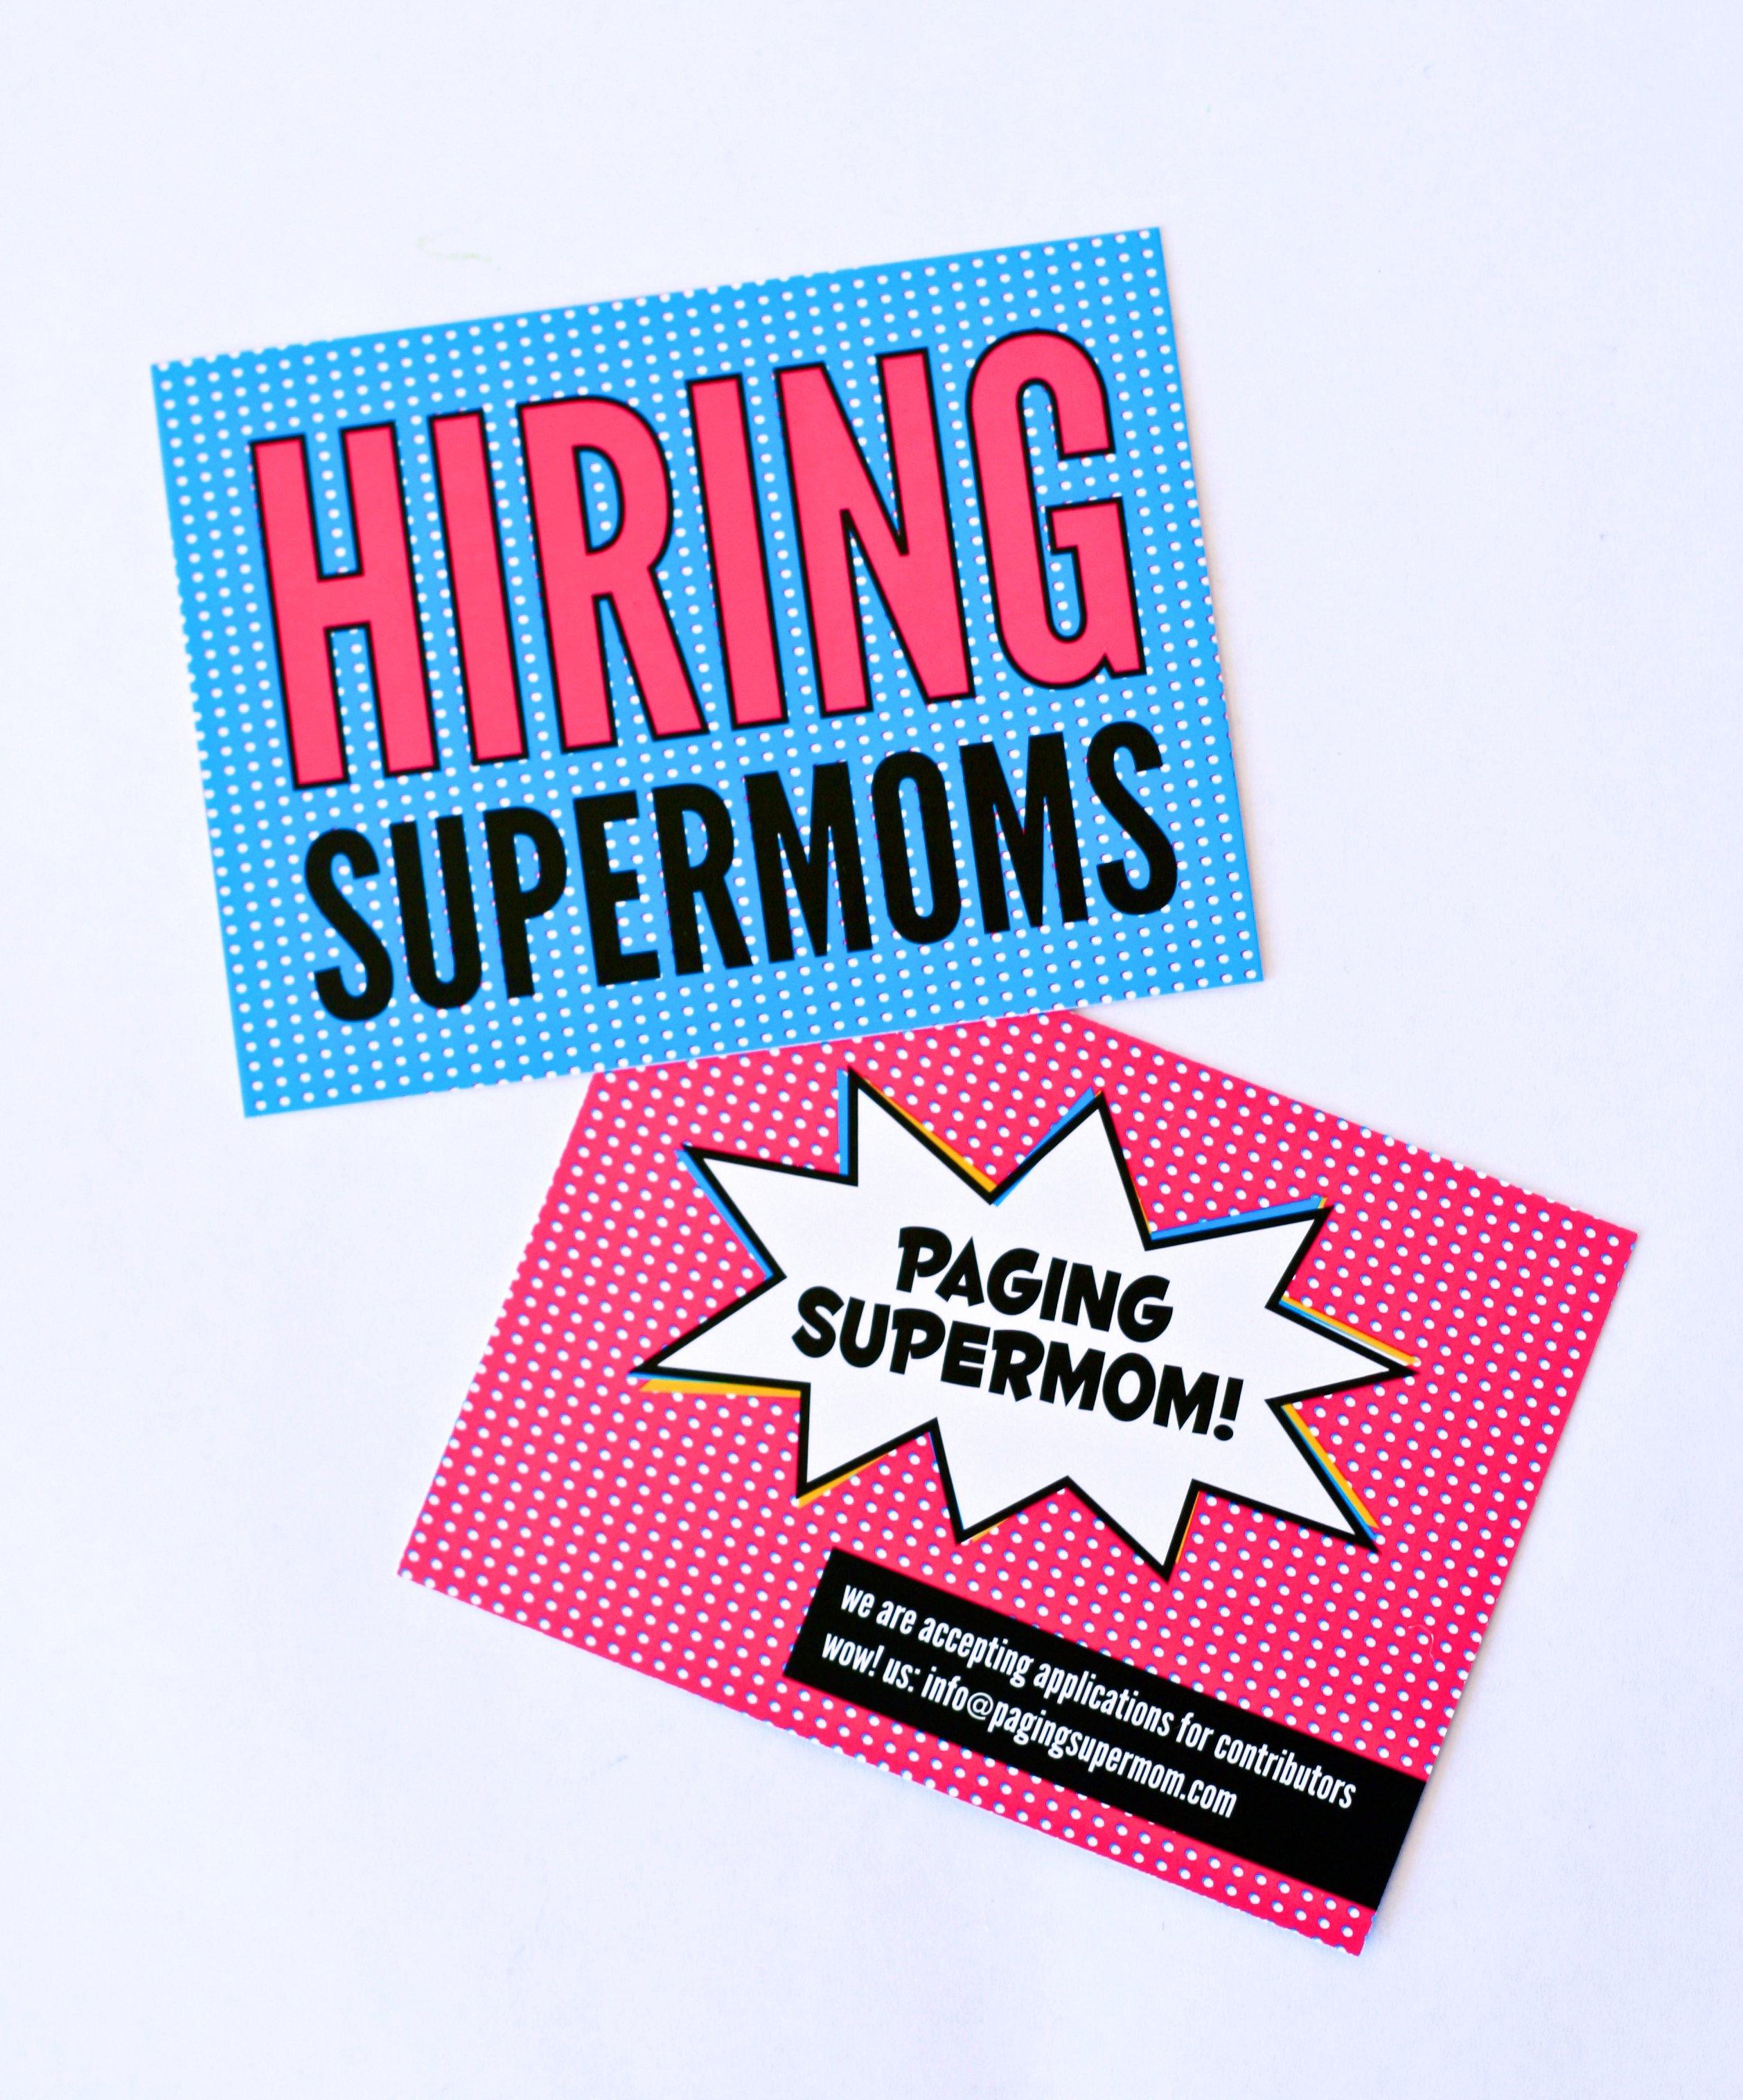 Hiring Supermoms to contribute to PagingSupermom.com